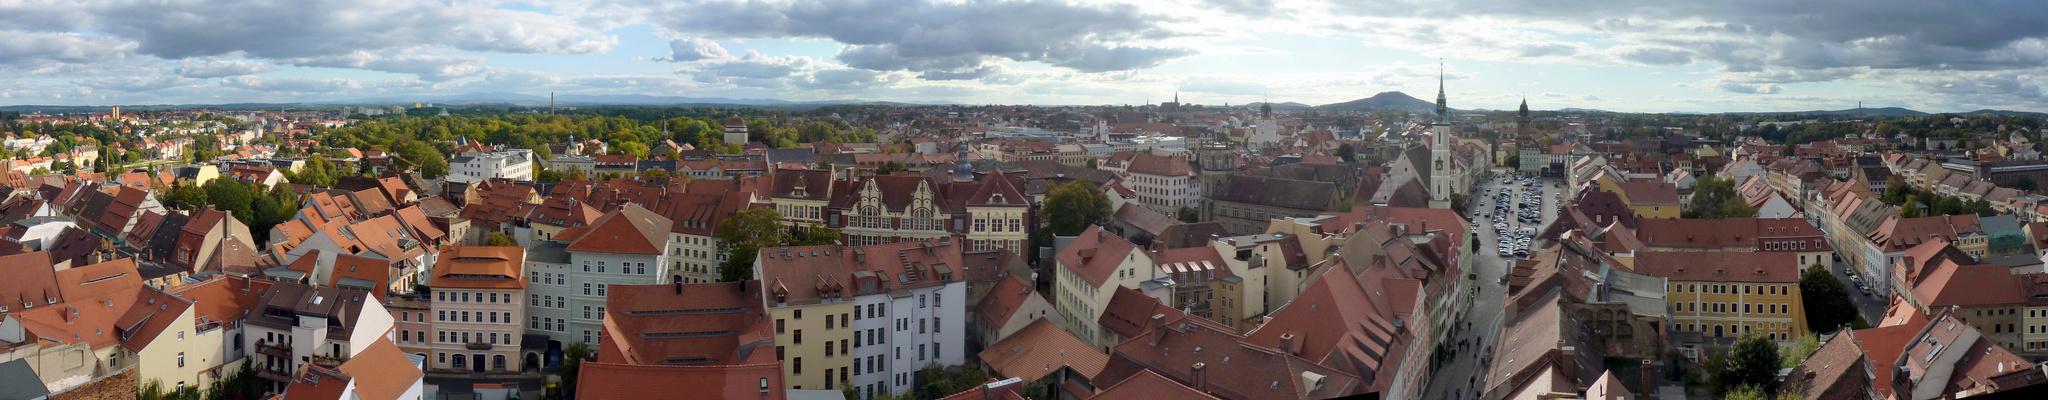 Stadtpanorama Görlitz Süd